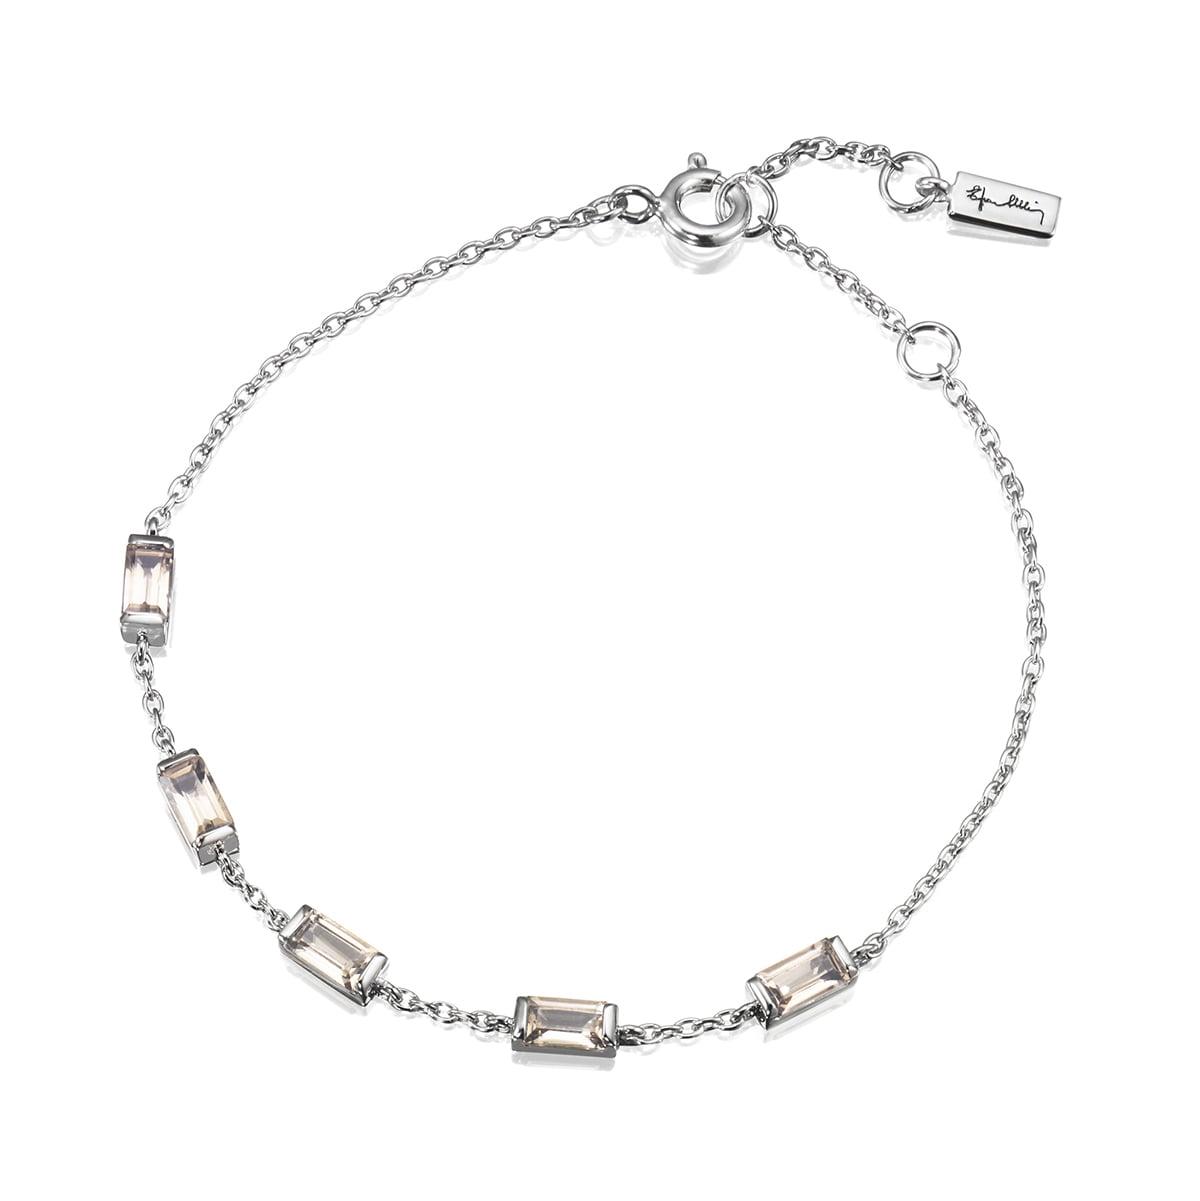 Efva_Attling_smycken_A Chocolate Dream Bracelet 14-100-01586(1)_hos_Jarl_Sandin